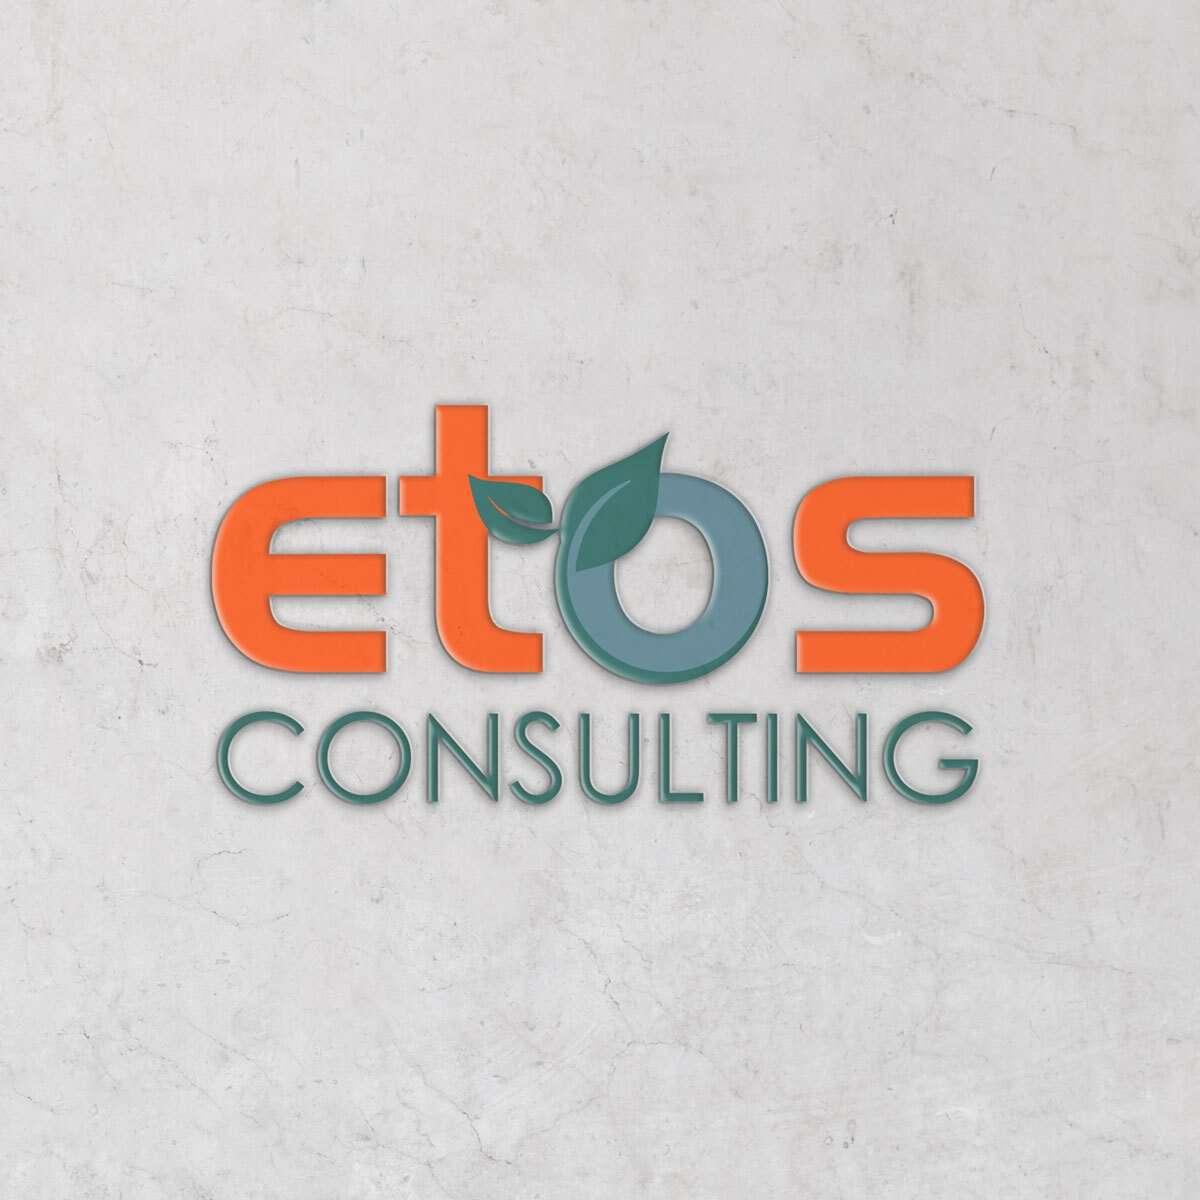 ETOS Consulting Logo Design by BrandSwan, a logo design company